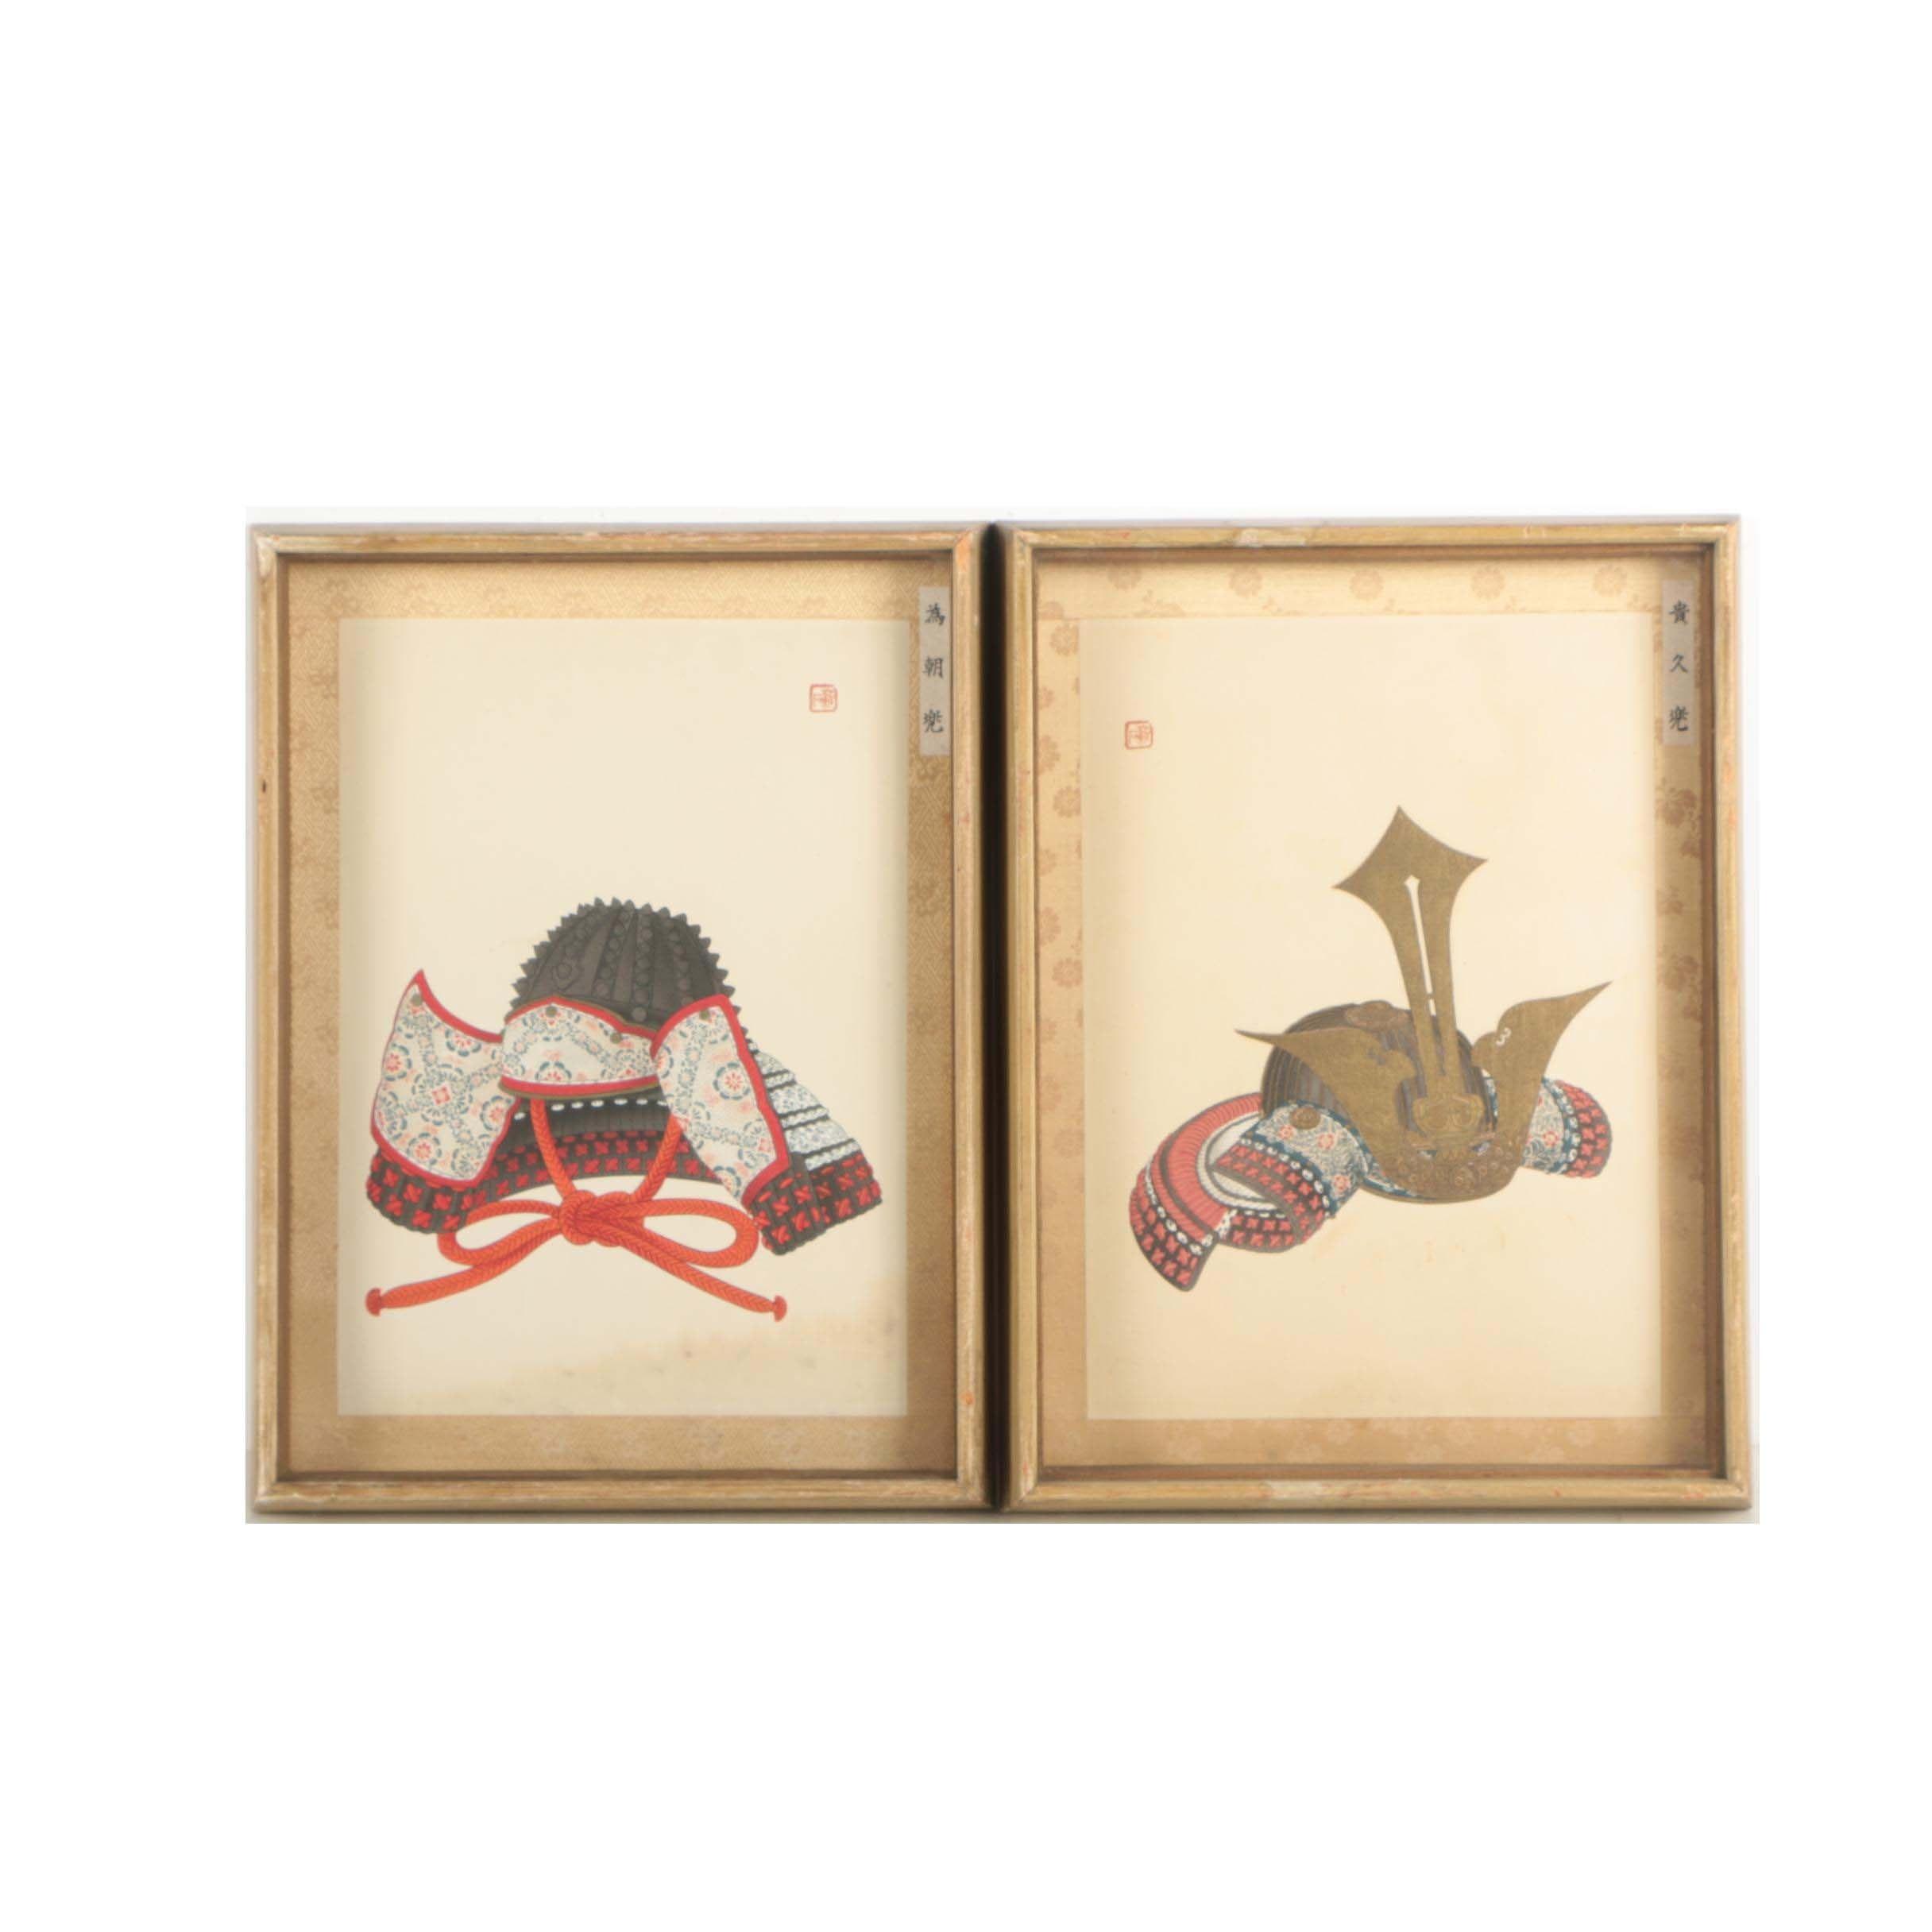 Japanese Embellished Woodblocks of Samurai Helmets